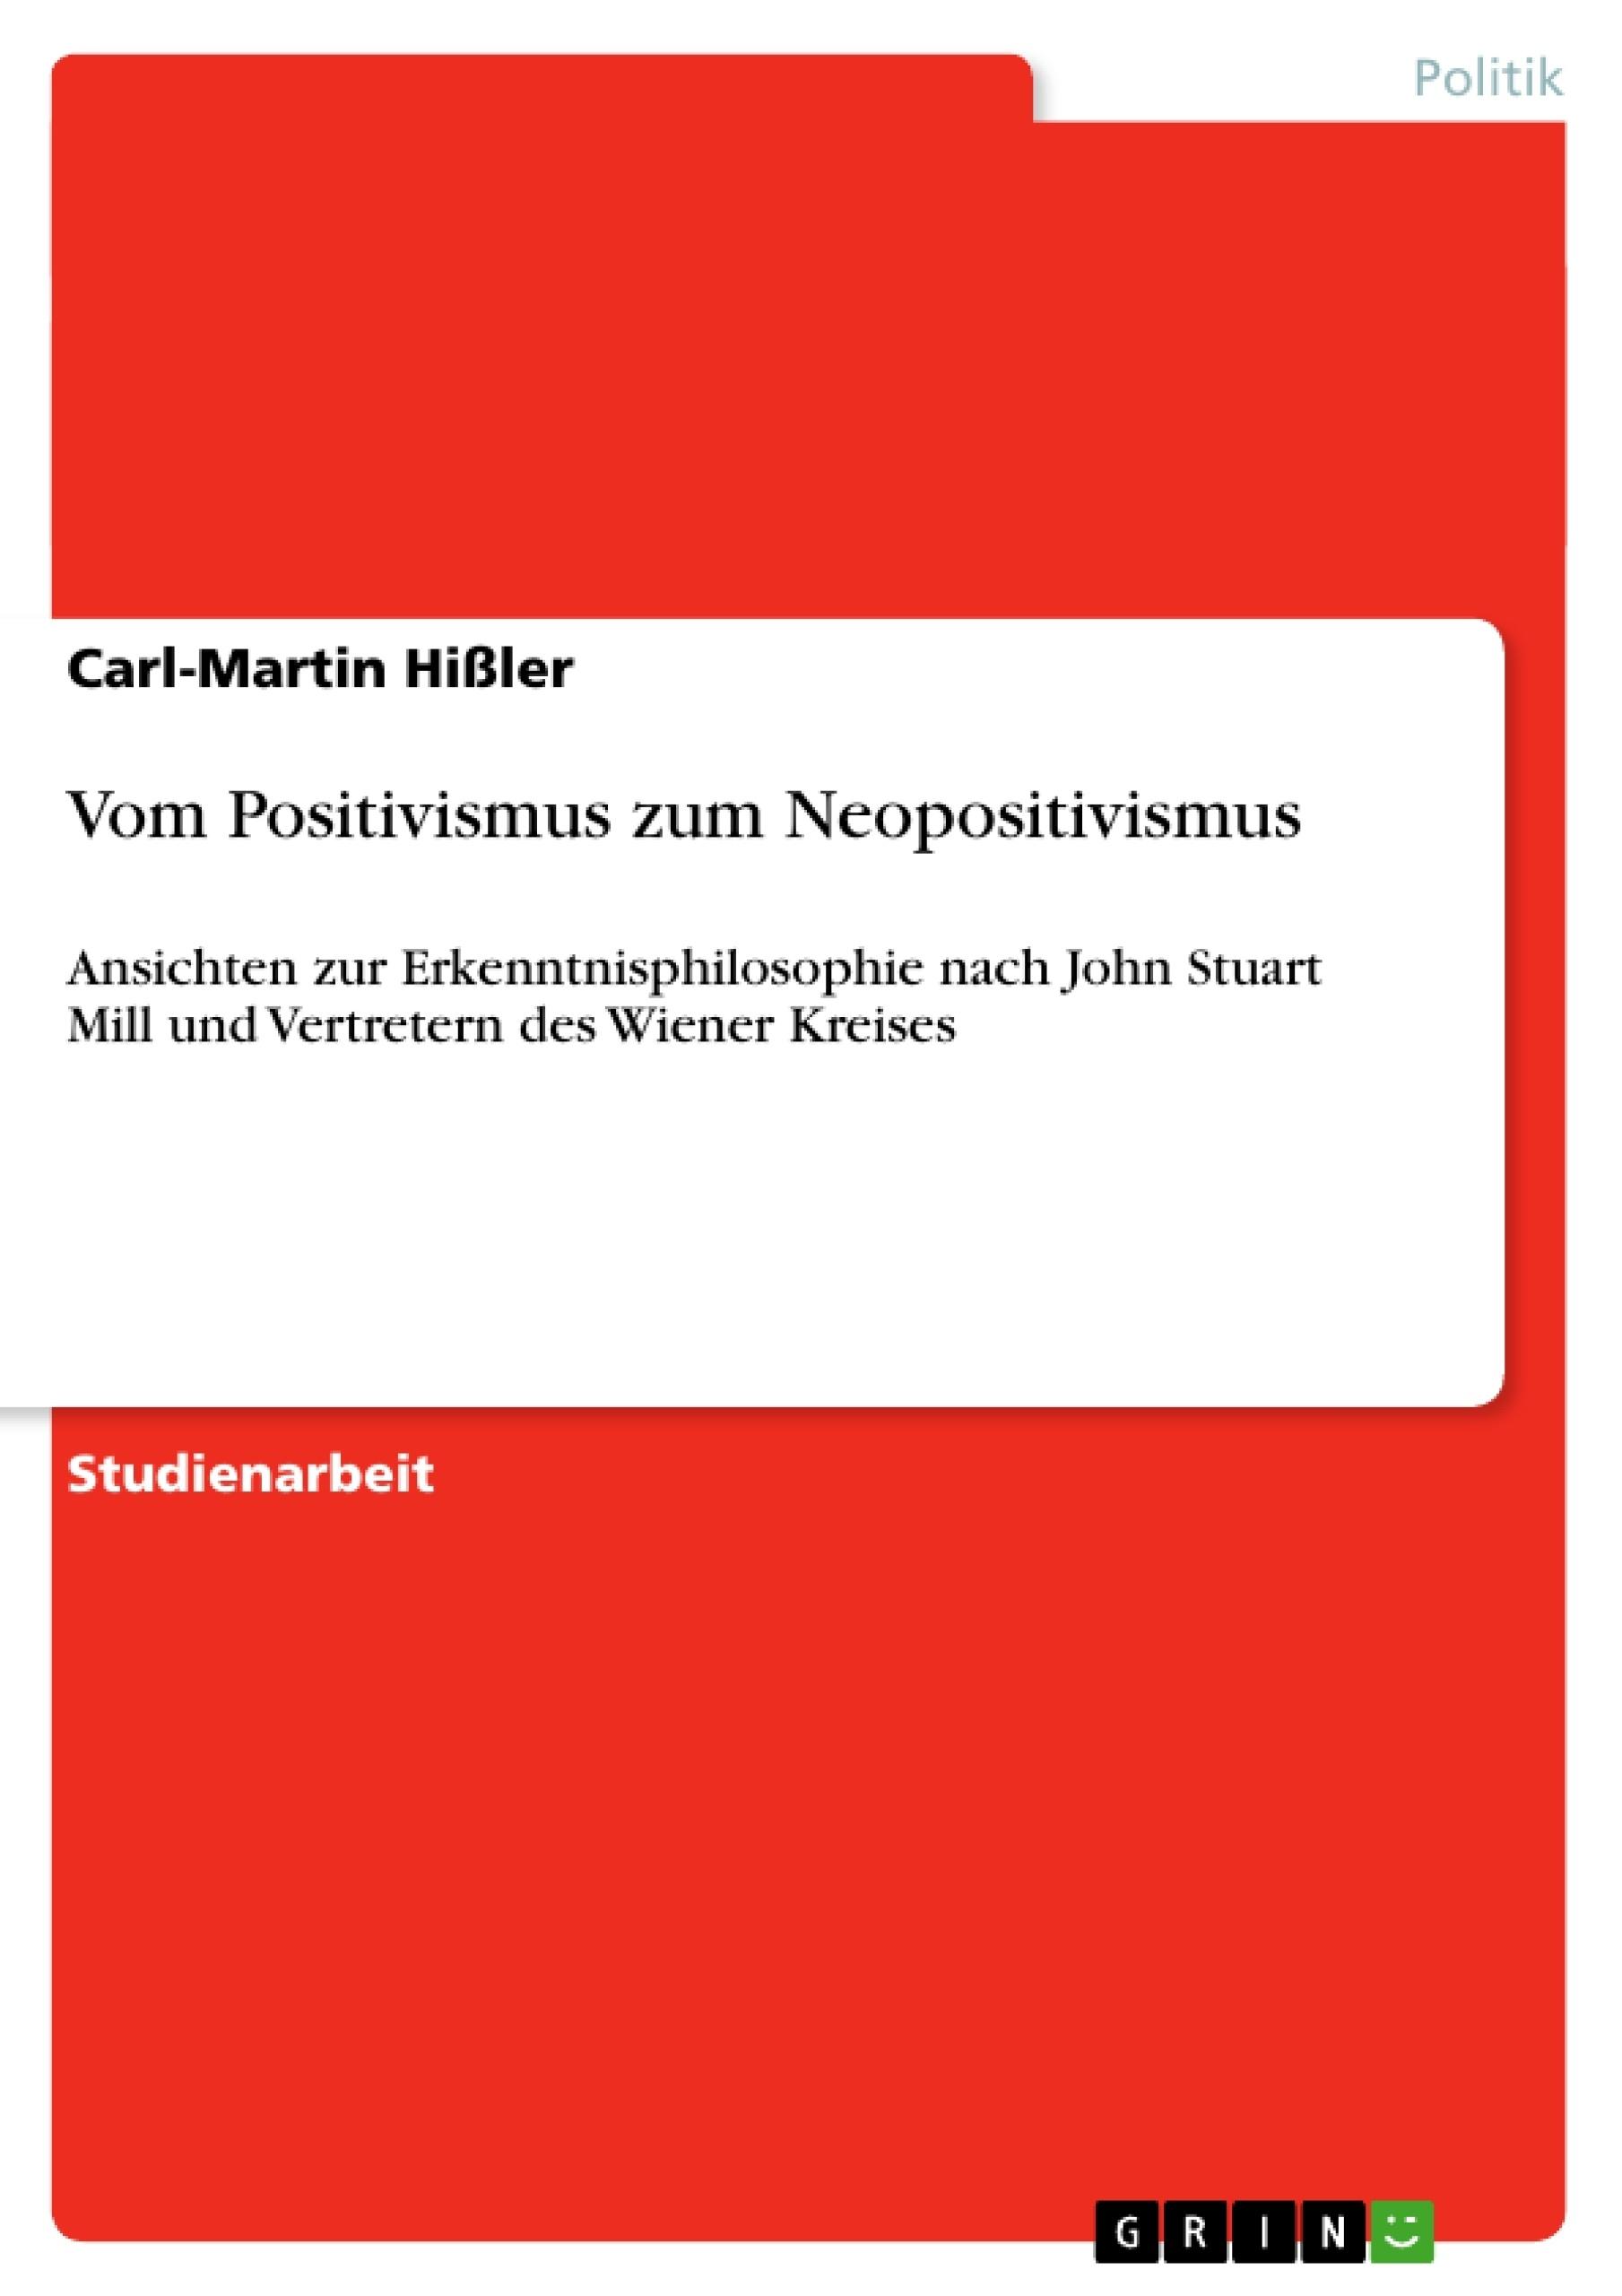 Titel: Vom Positivismus zum Neopositivismus